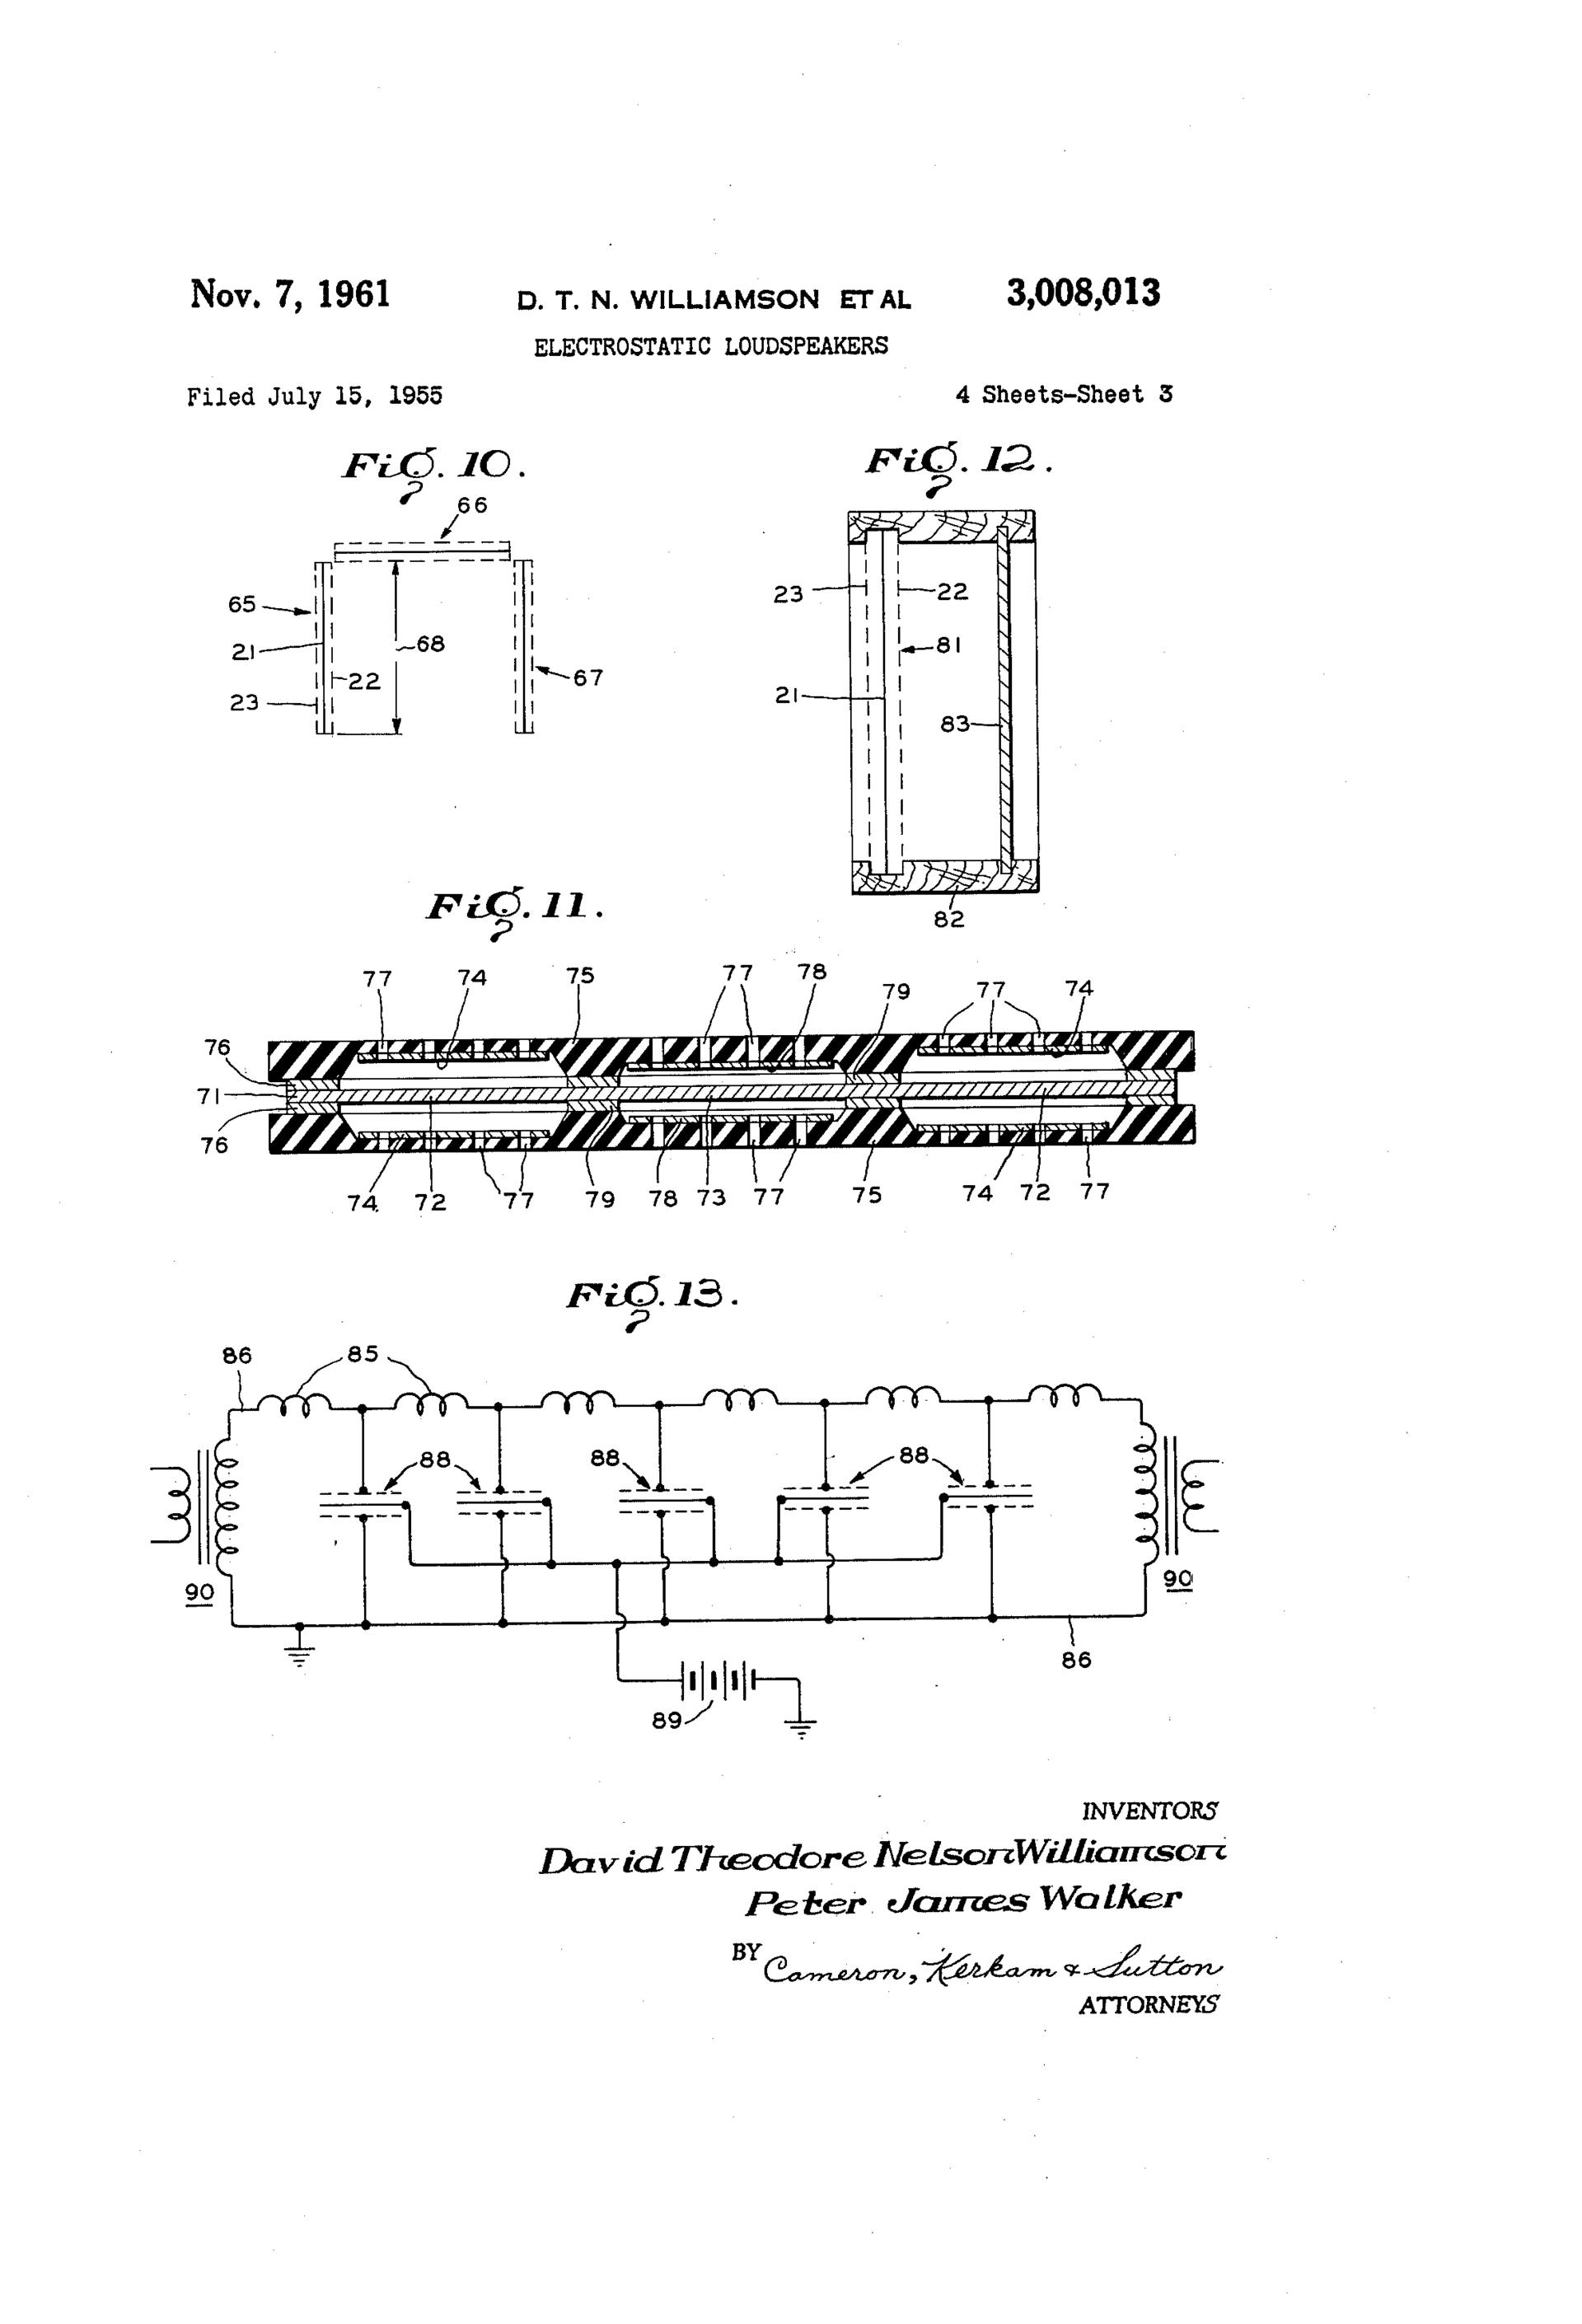 «Анатомия» домашних акустических систем: электростаты. Ода ровной АЧХ, страсти по цене, возможности DIY - 9